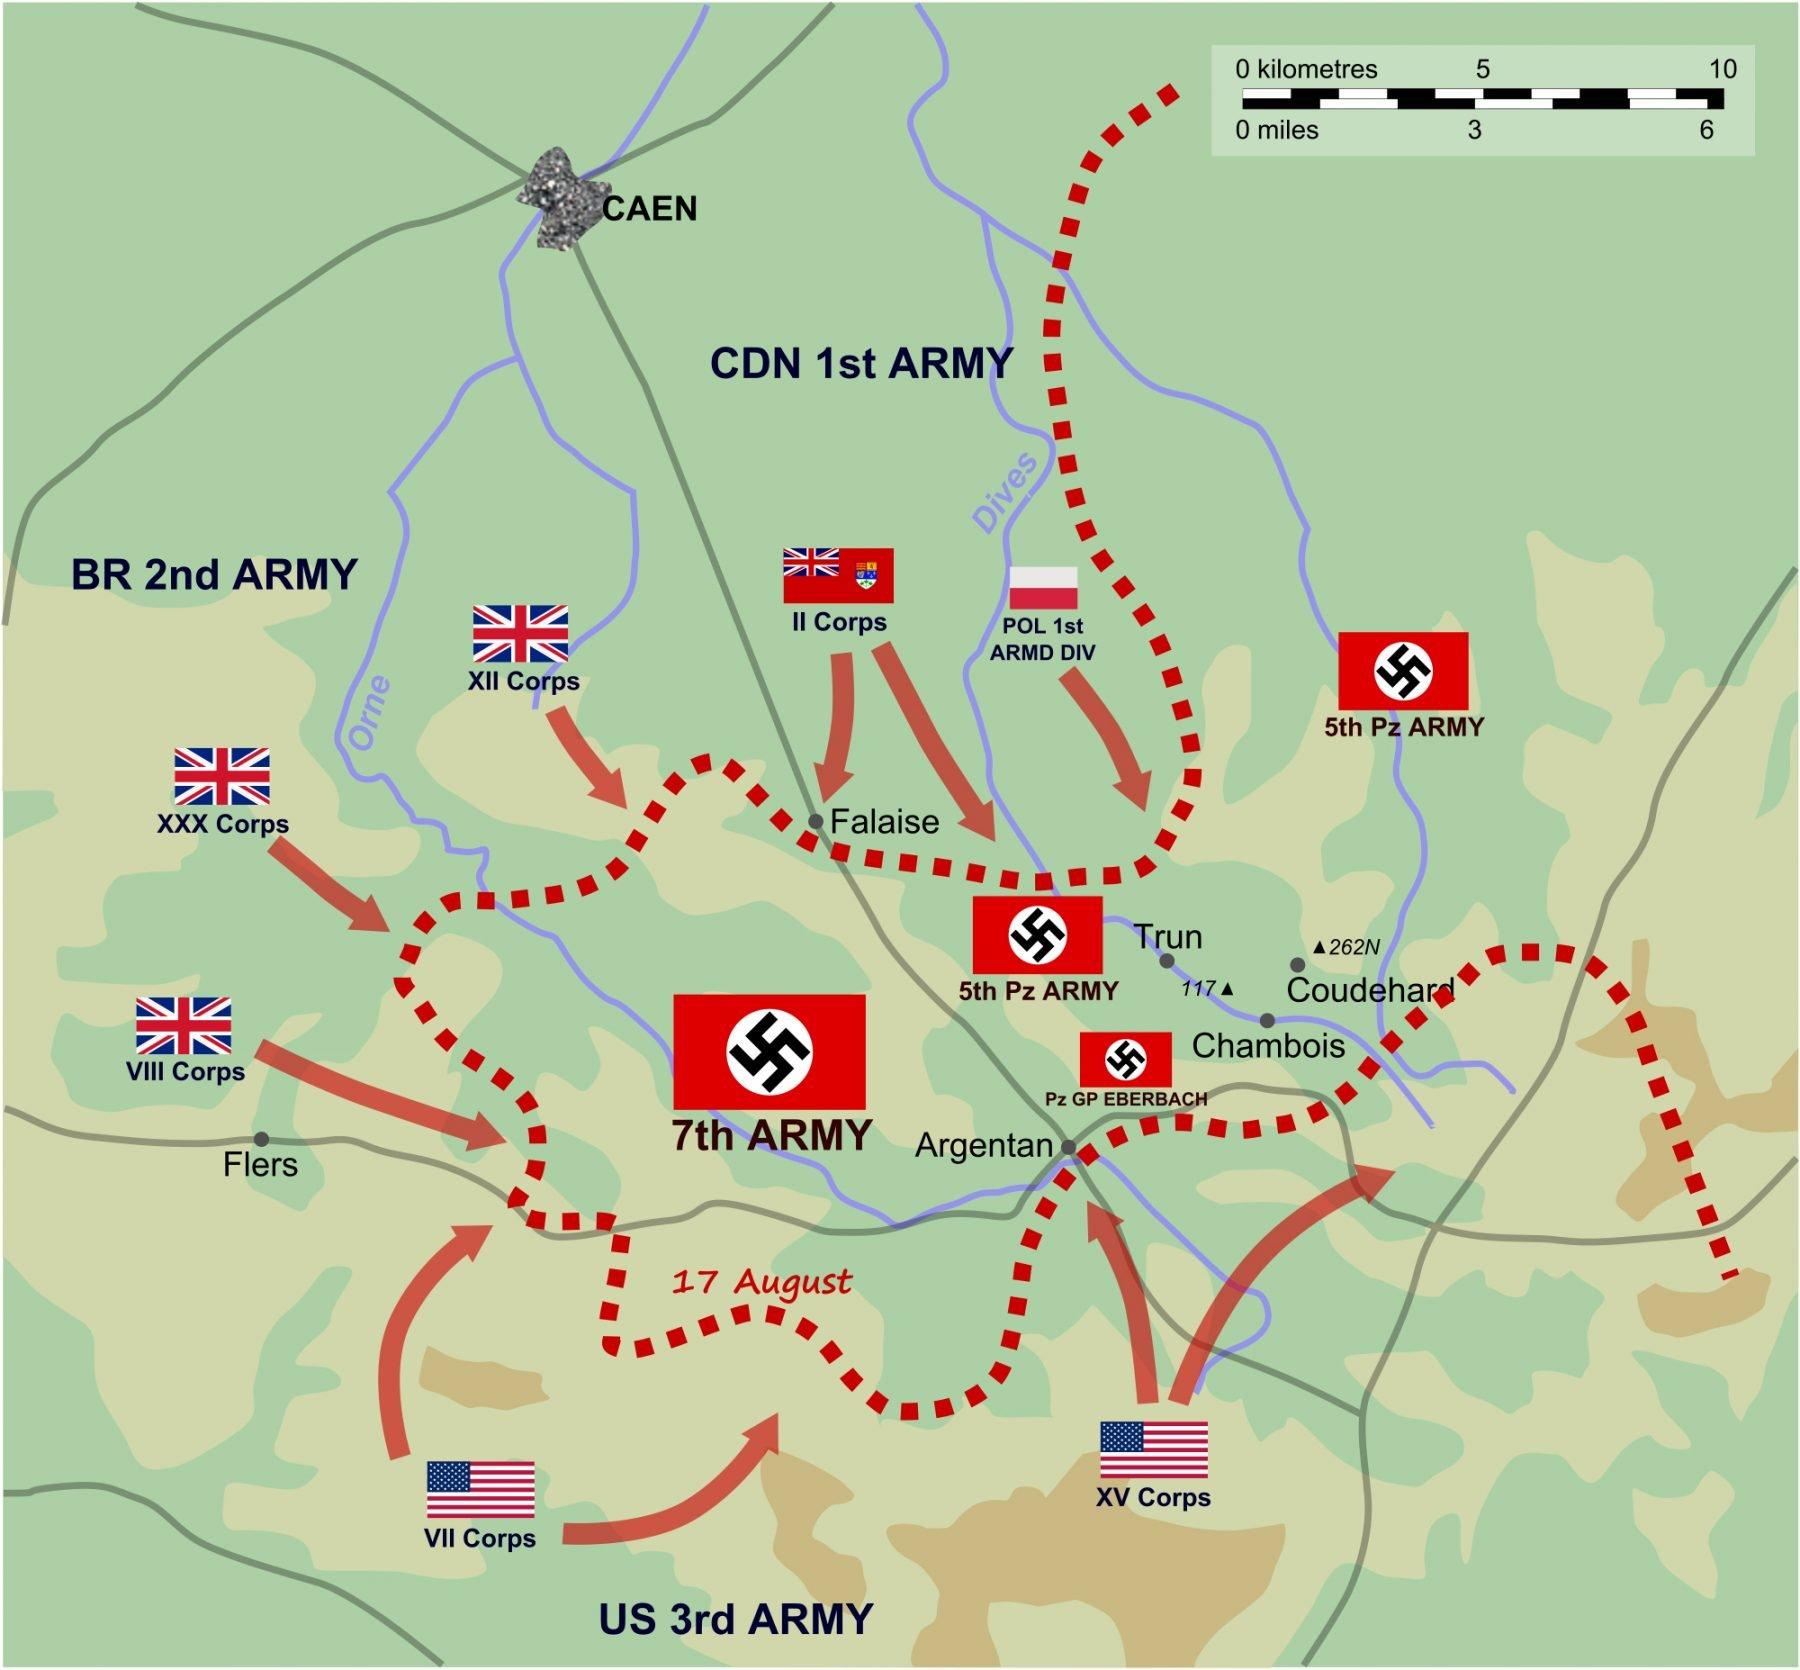 kaart zak van Falaise